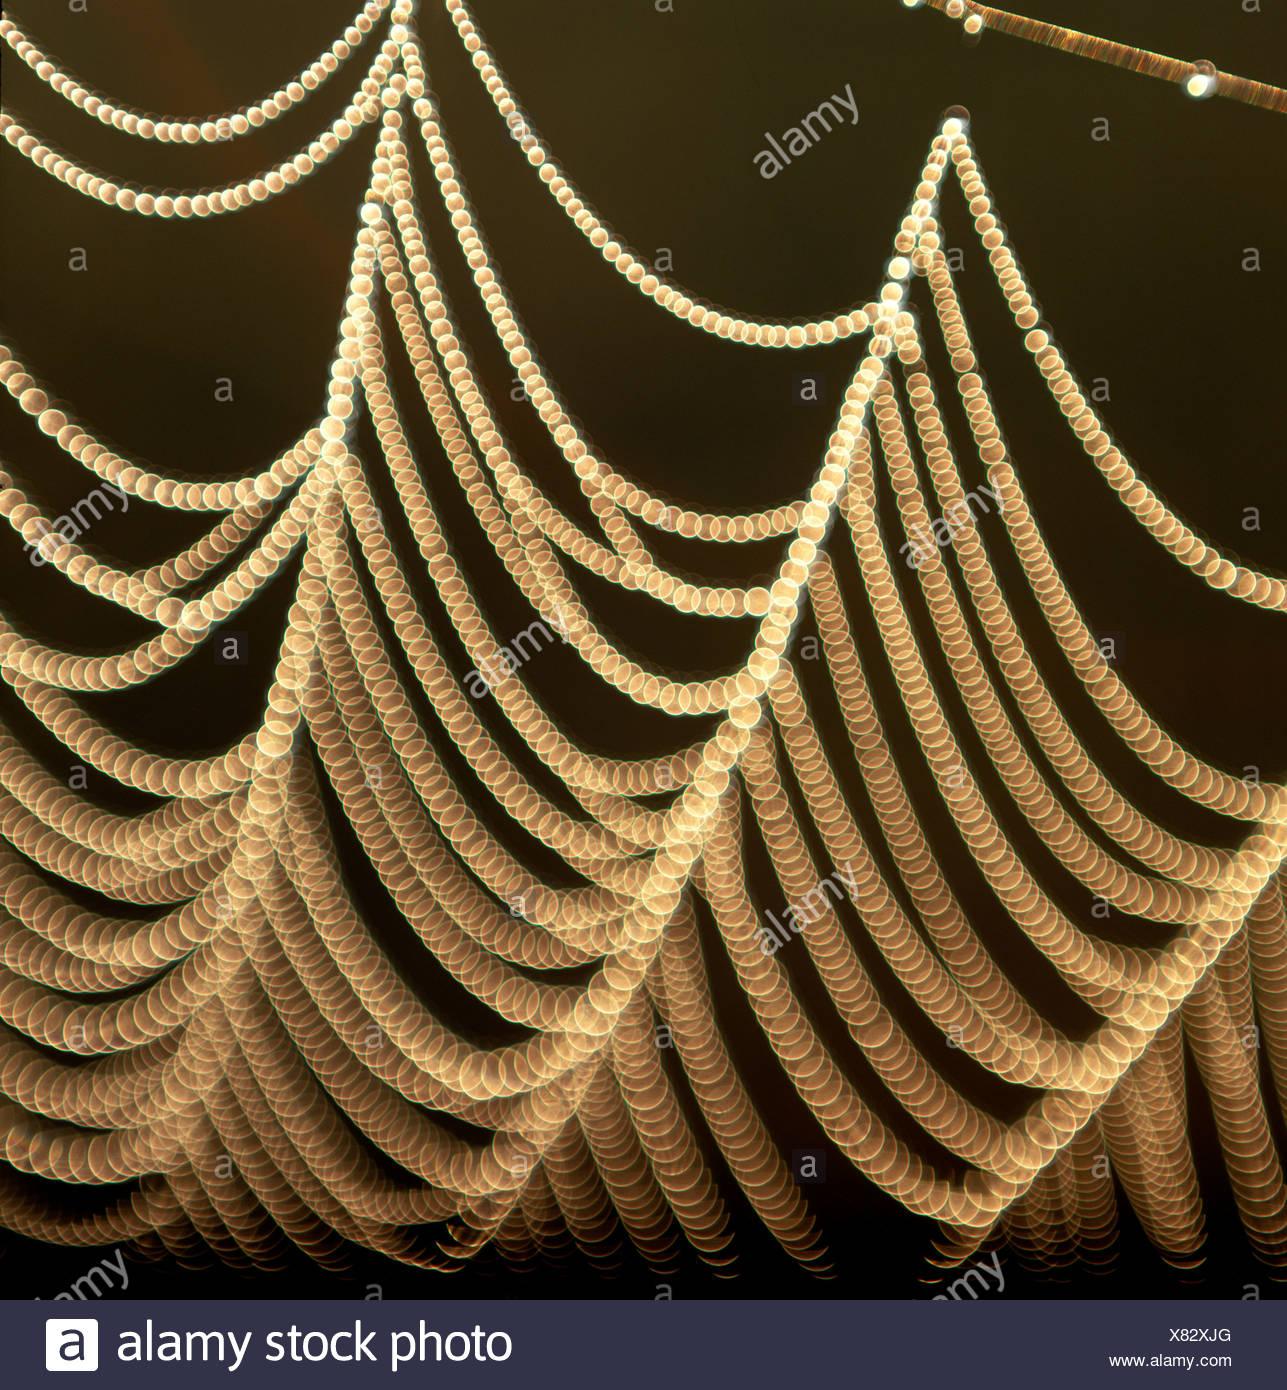 Spinnennetz bedeckt im Tau, Tautropfen Stockbild